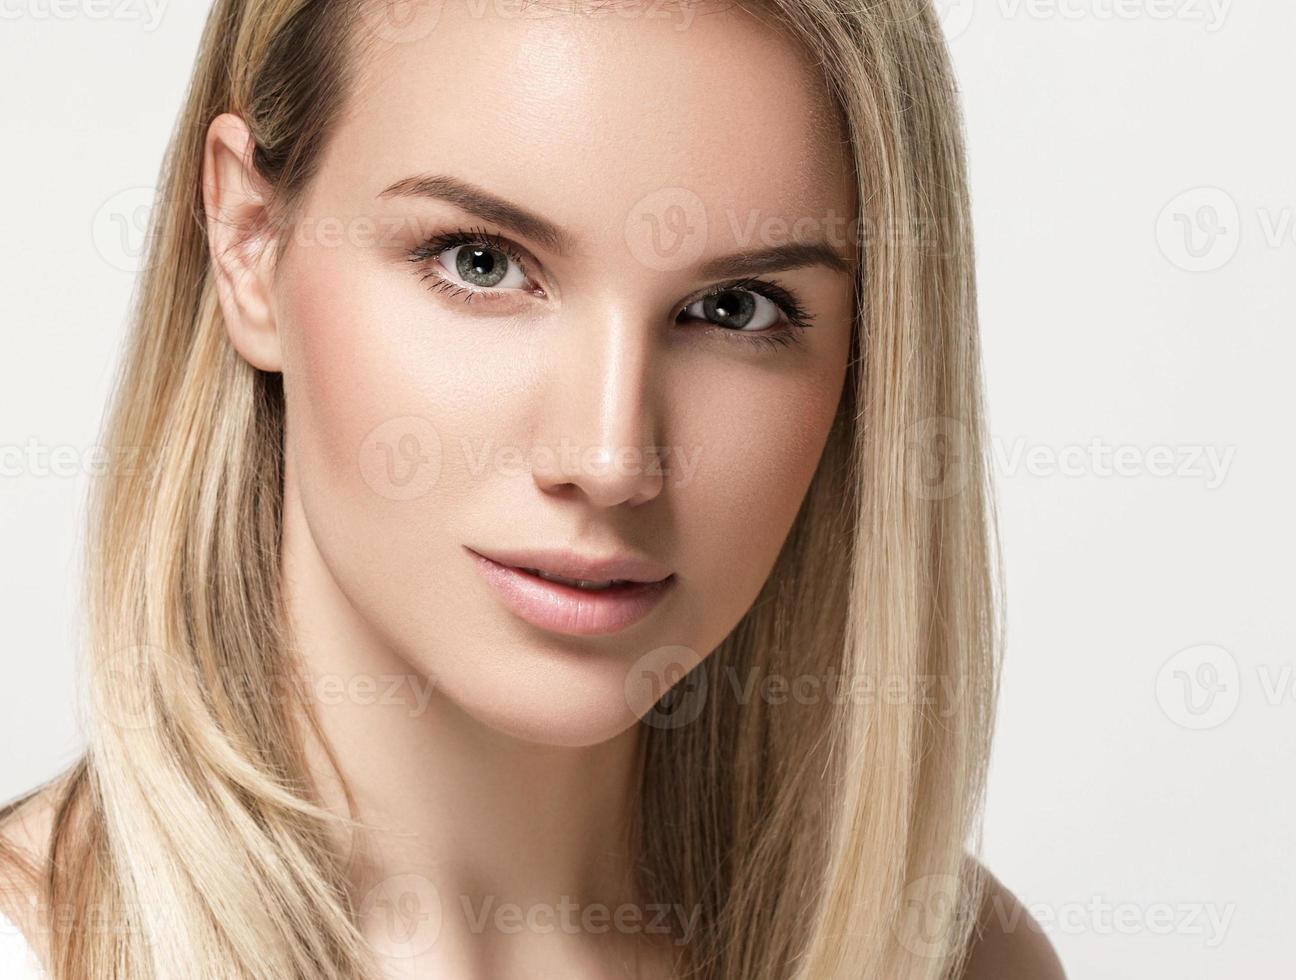 vacker kvinna blond hår porträtt närbild studio på vitt foto